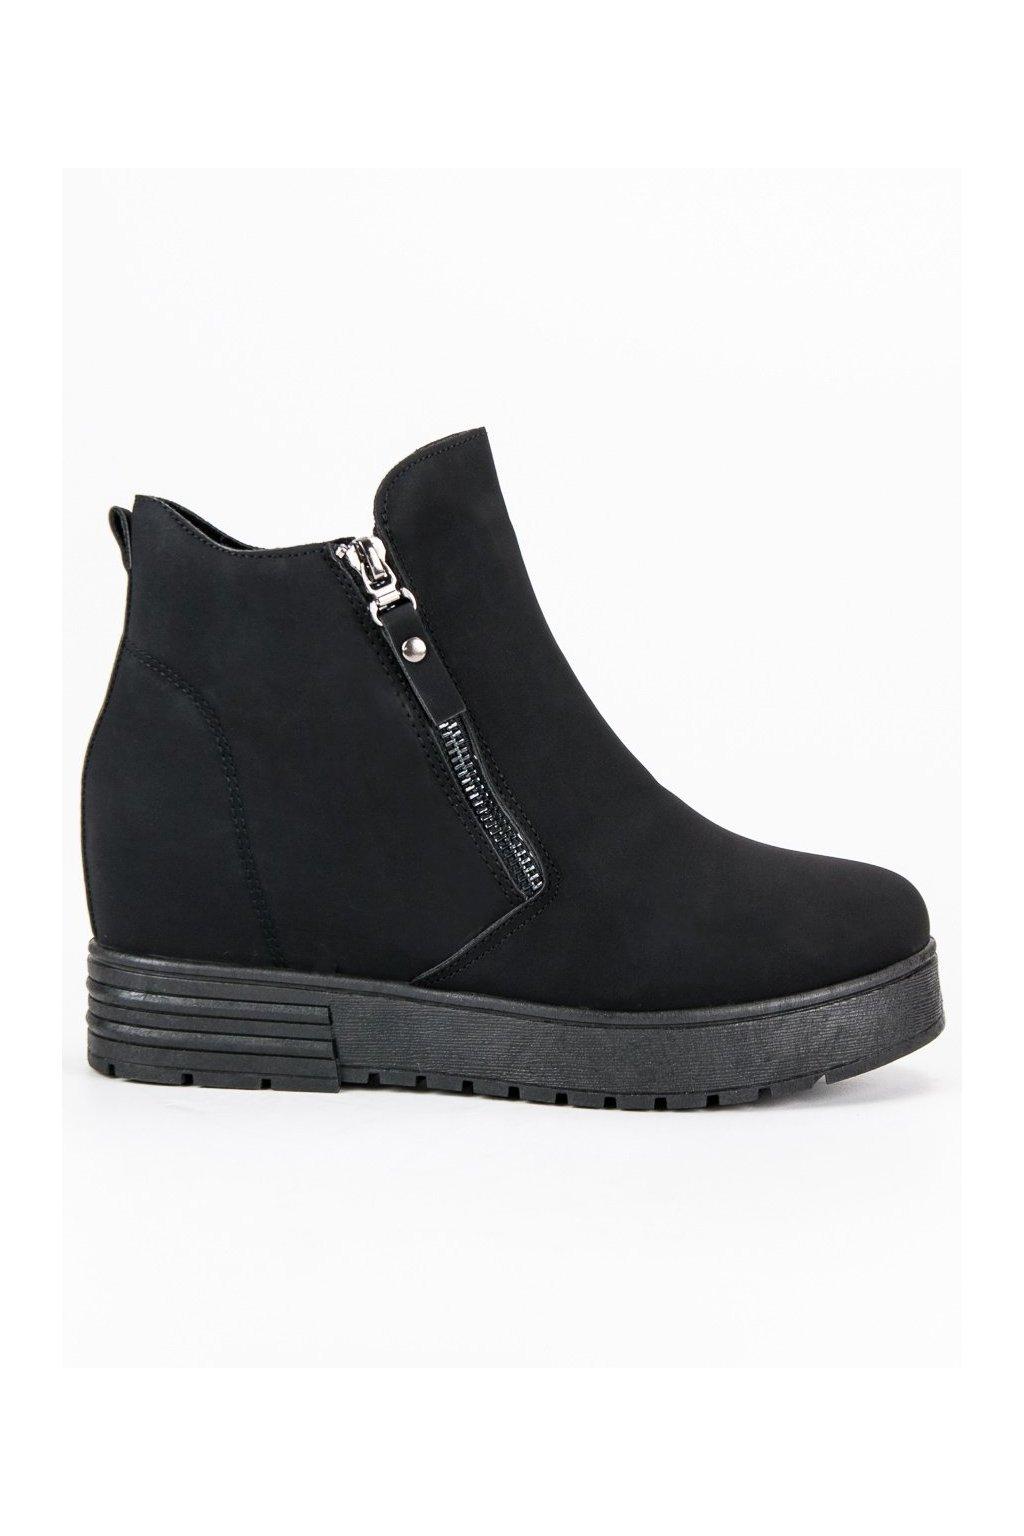 Matné topánky čierne platformové tenisky so skrytou pätou CnB 6ae7e5a4ae0